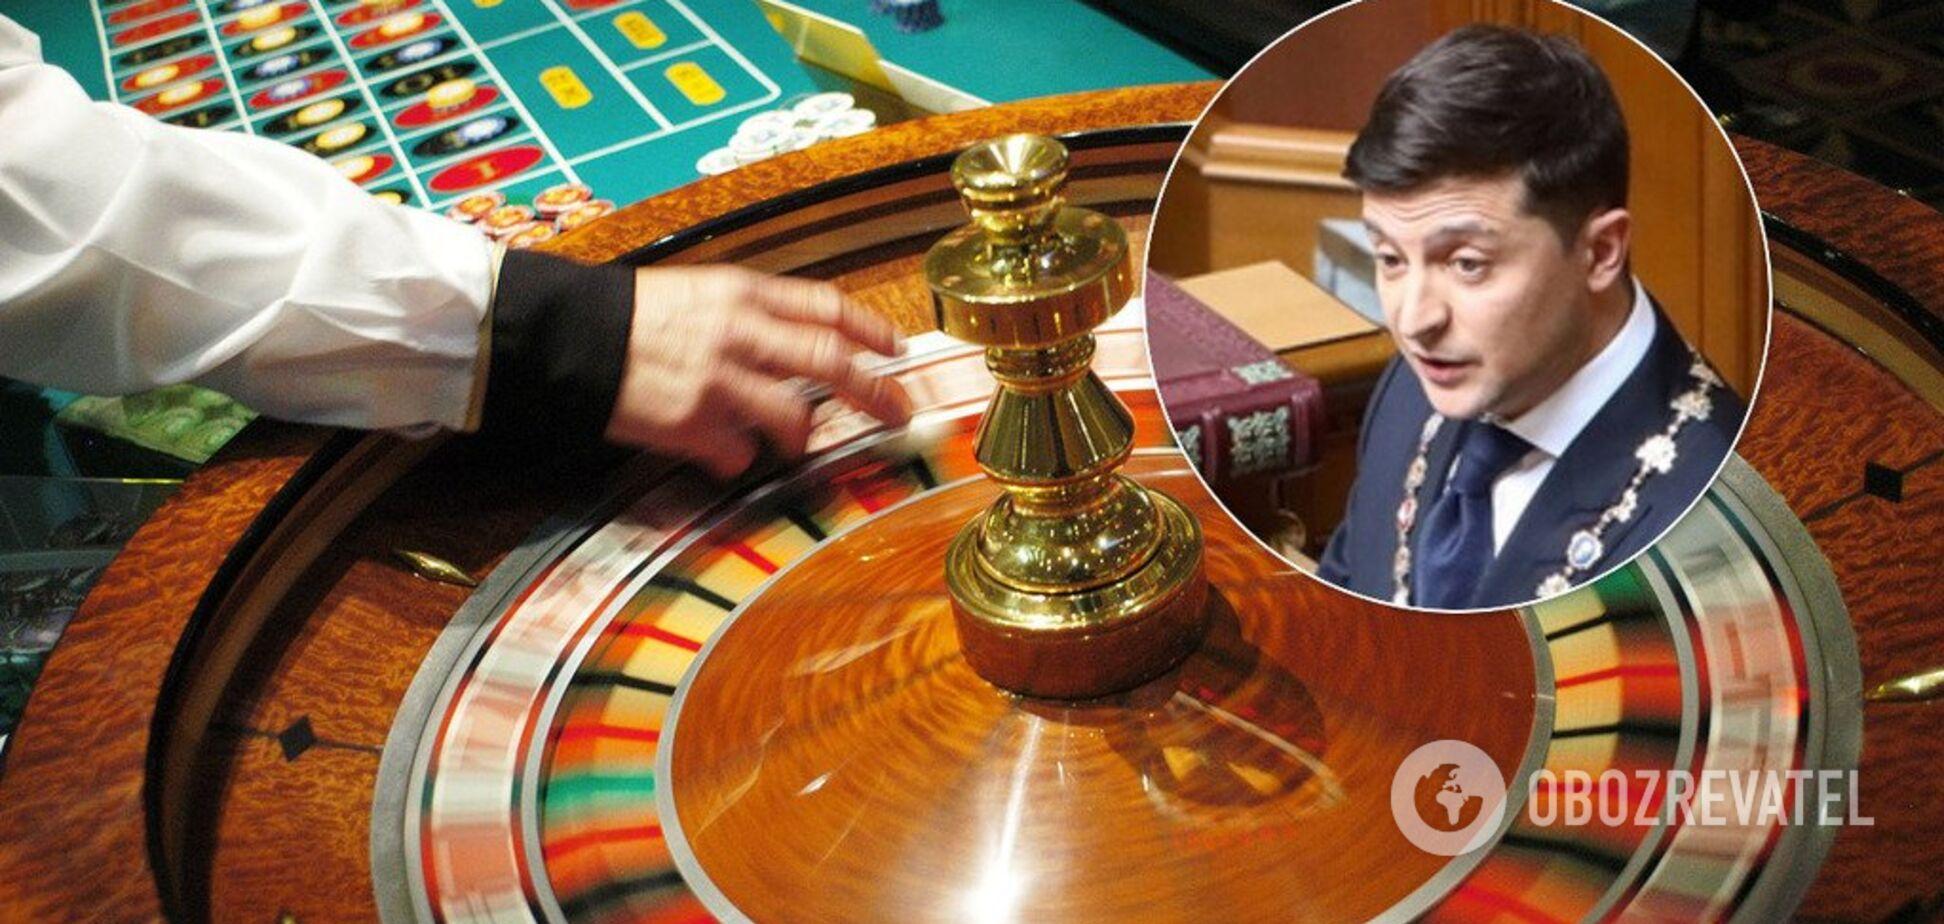 'Легализуем азартные игры': Зеленский сделал резонансное заявление